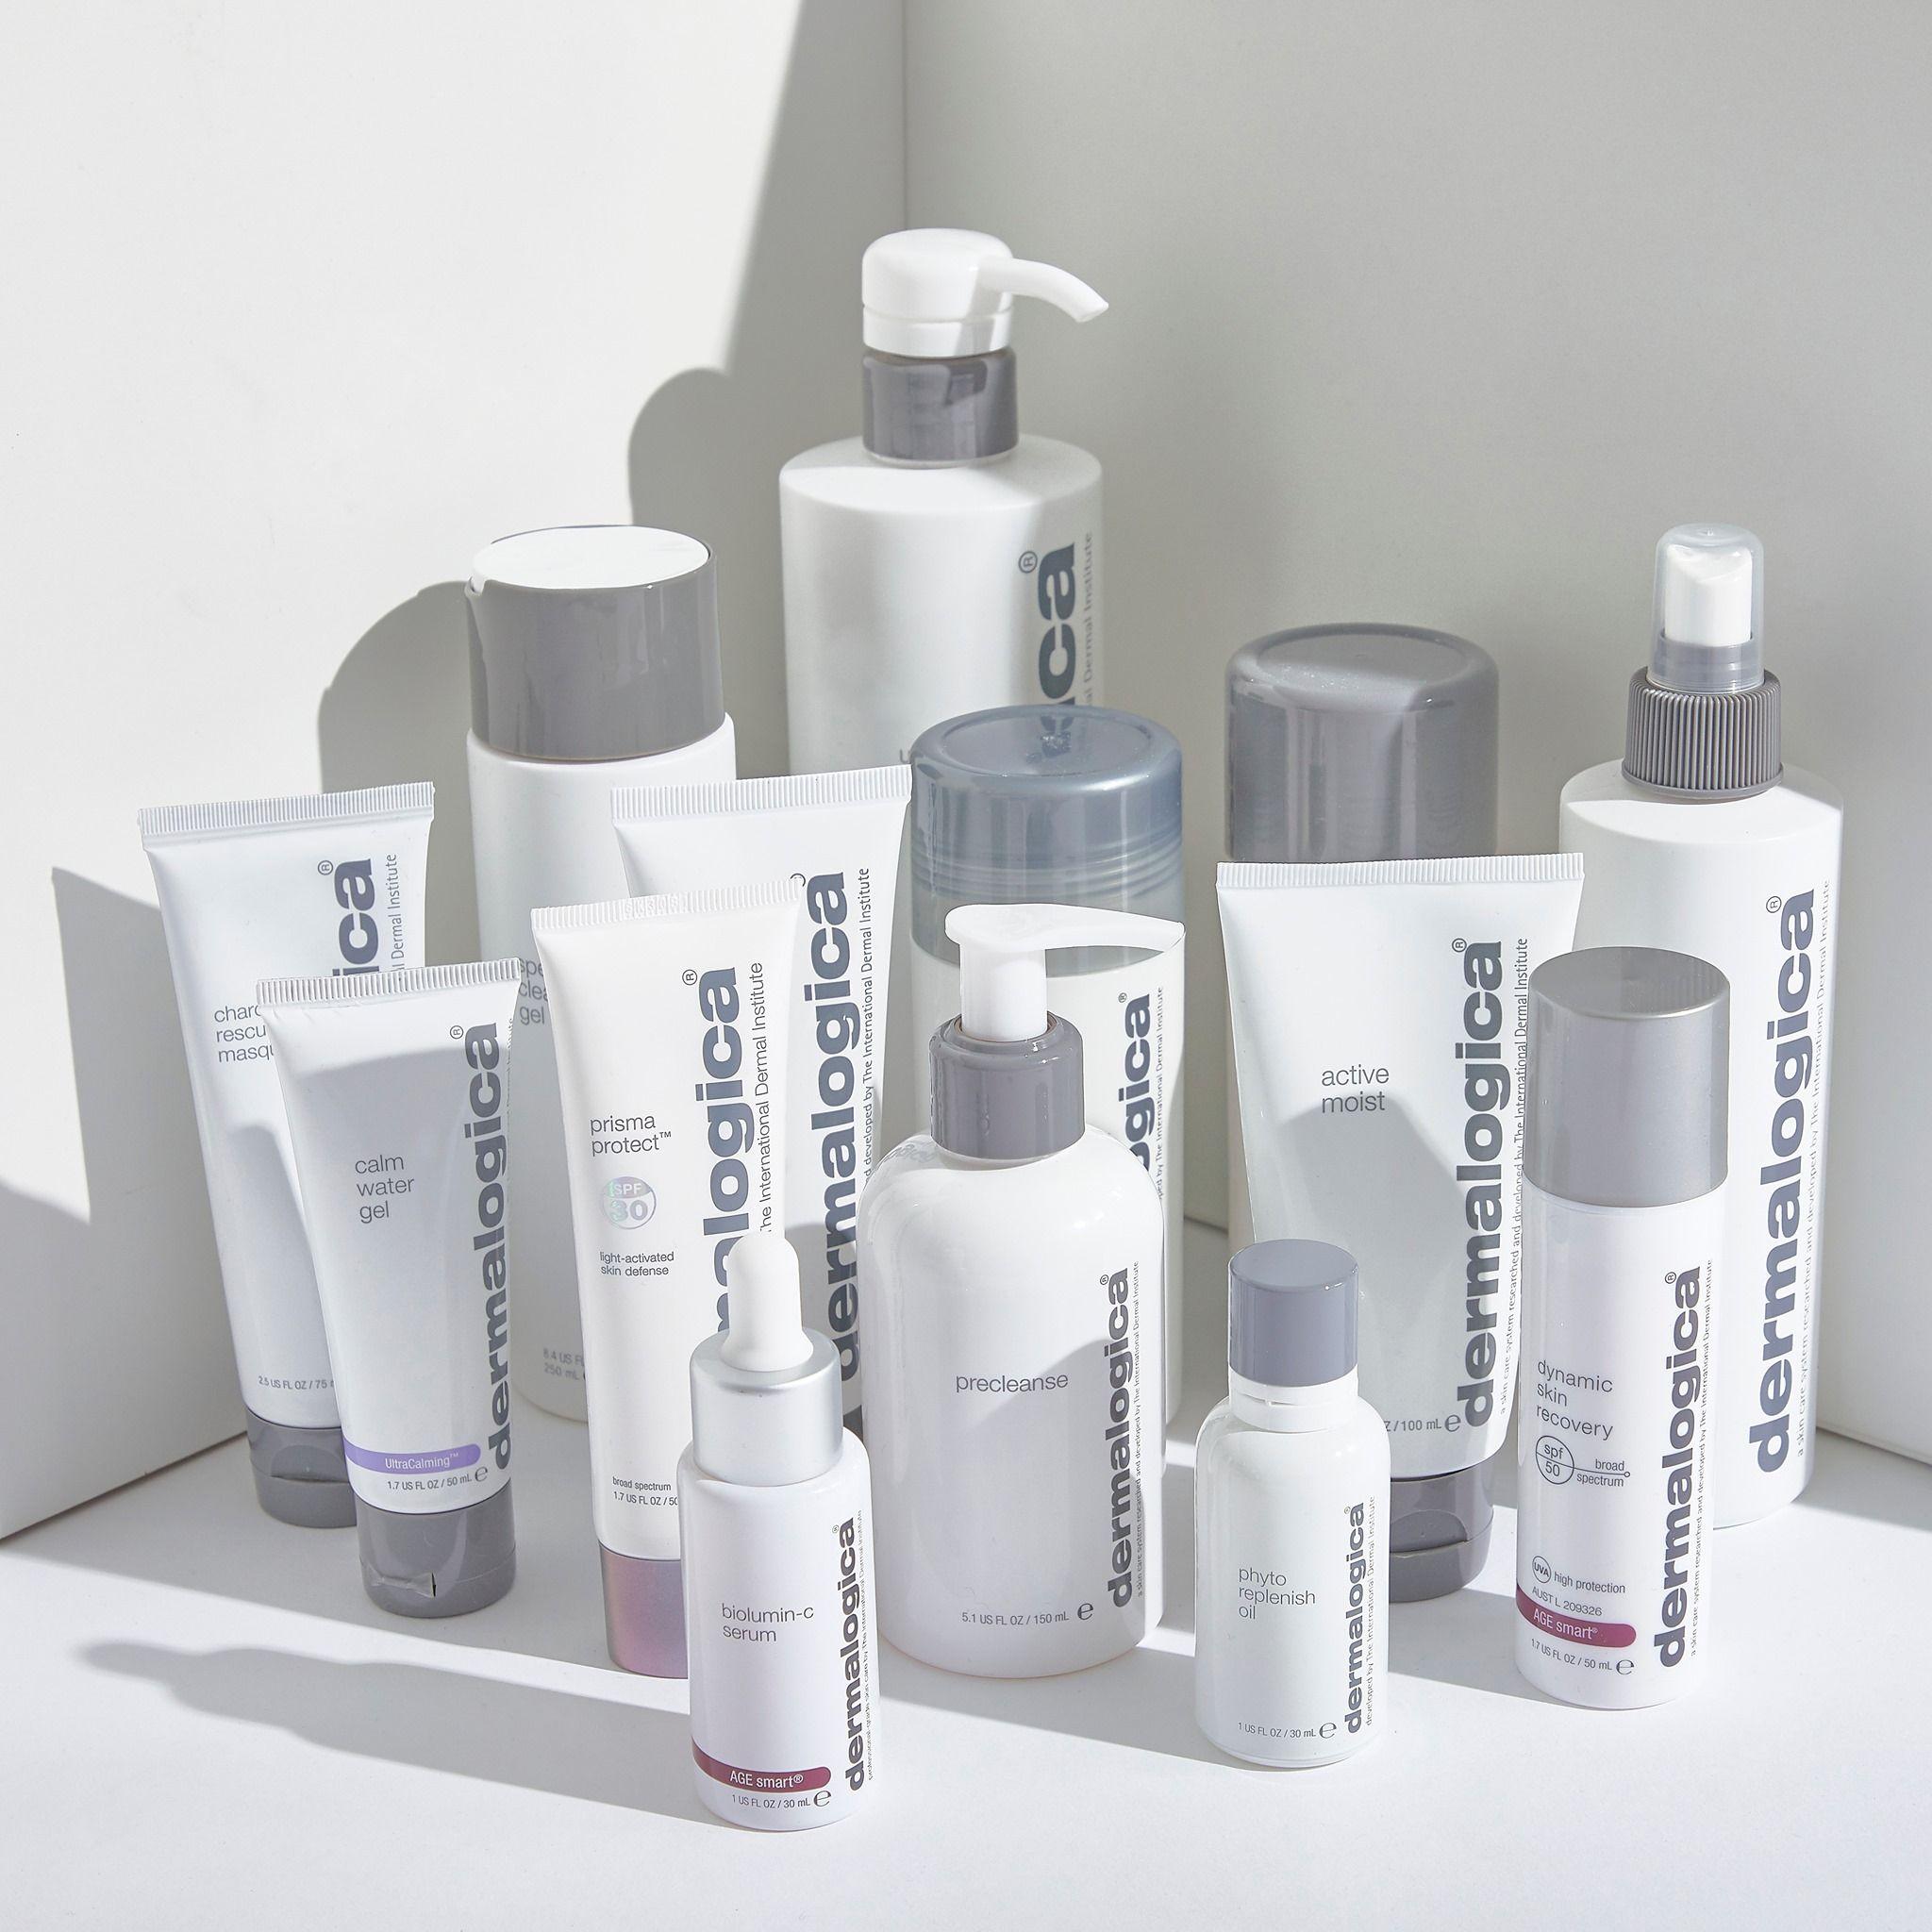 La rutina de Dermalogica que debes conocer para preparar tu piel